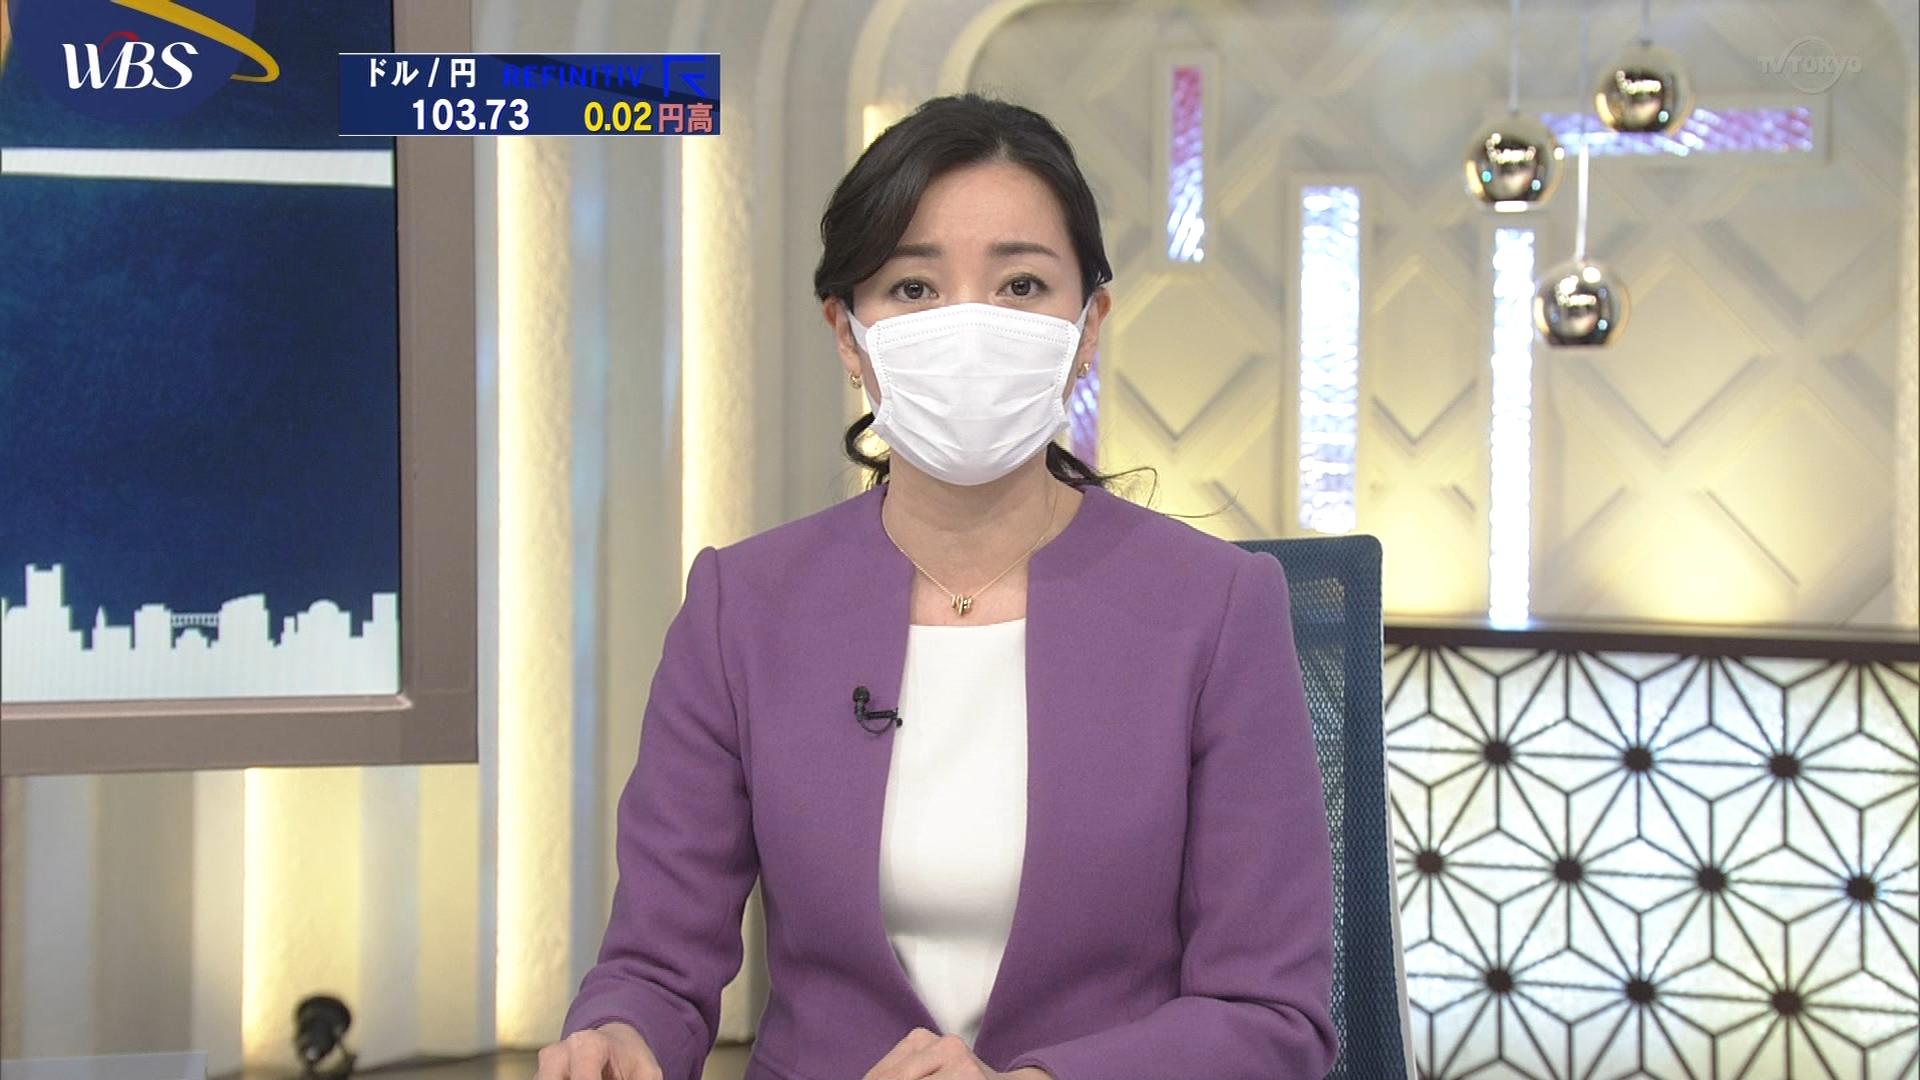 【朗報】テレ東・大江麻理子キャスターらマスク着用 「緊急事態宣言受け決断」